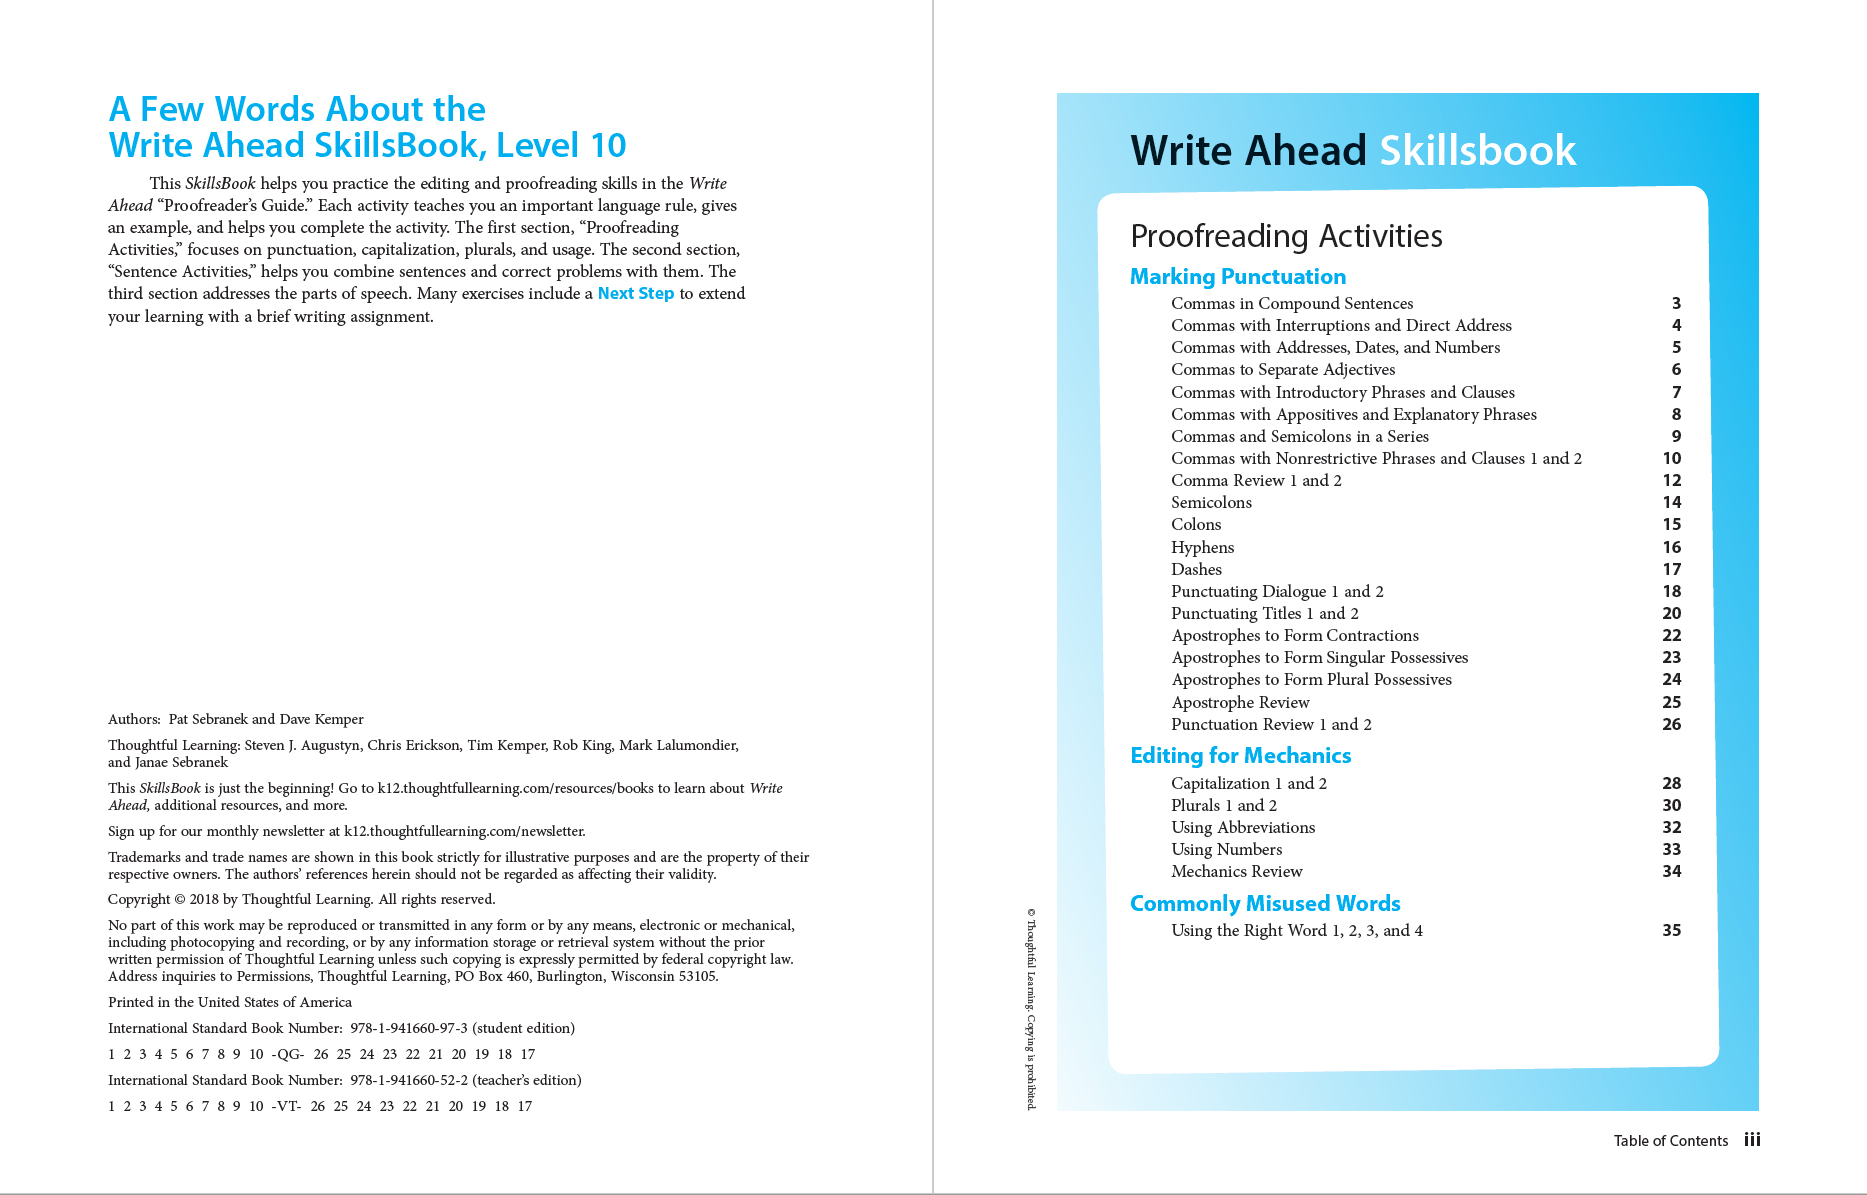 Write Ahead SkillsBook TG page i